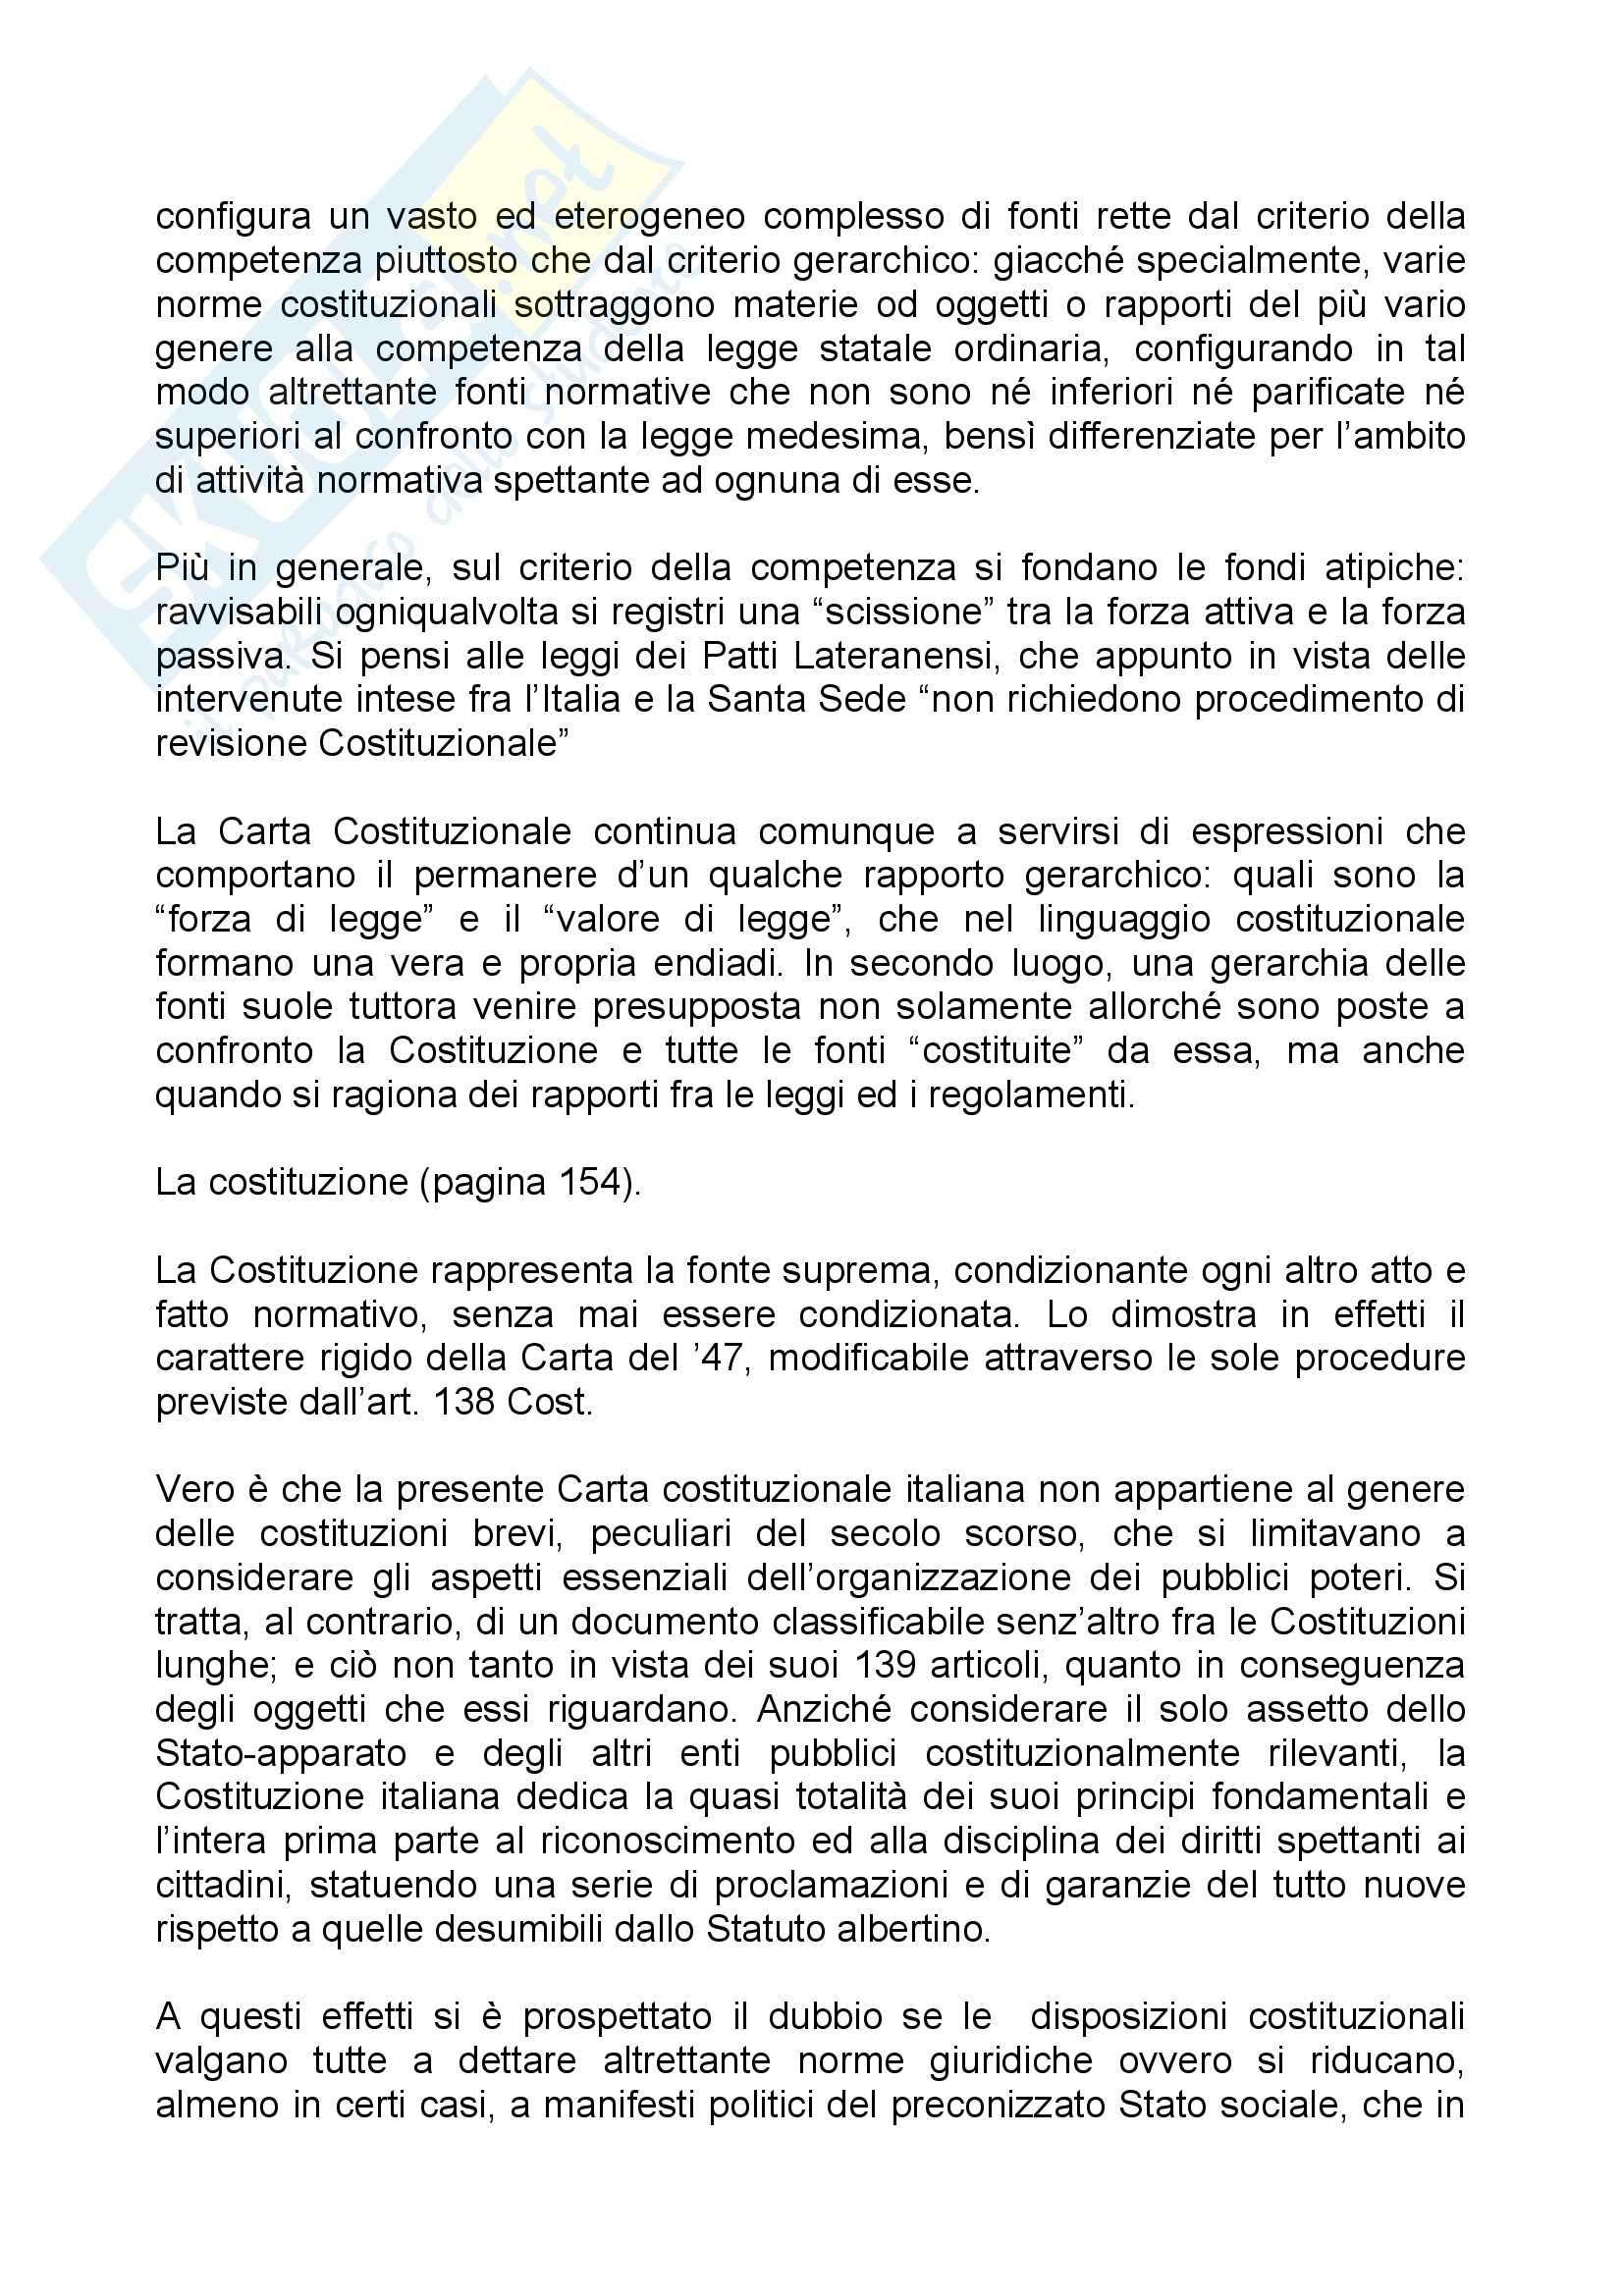 Riassunto esame Diritto Costituzionale, prof. Olivetti Pag. 36